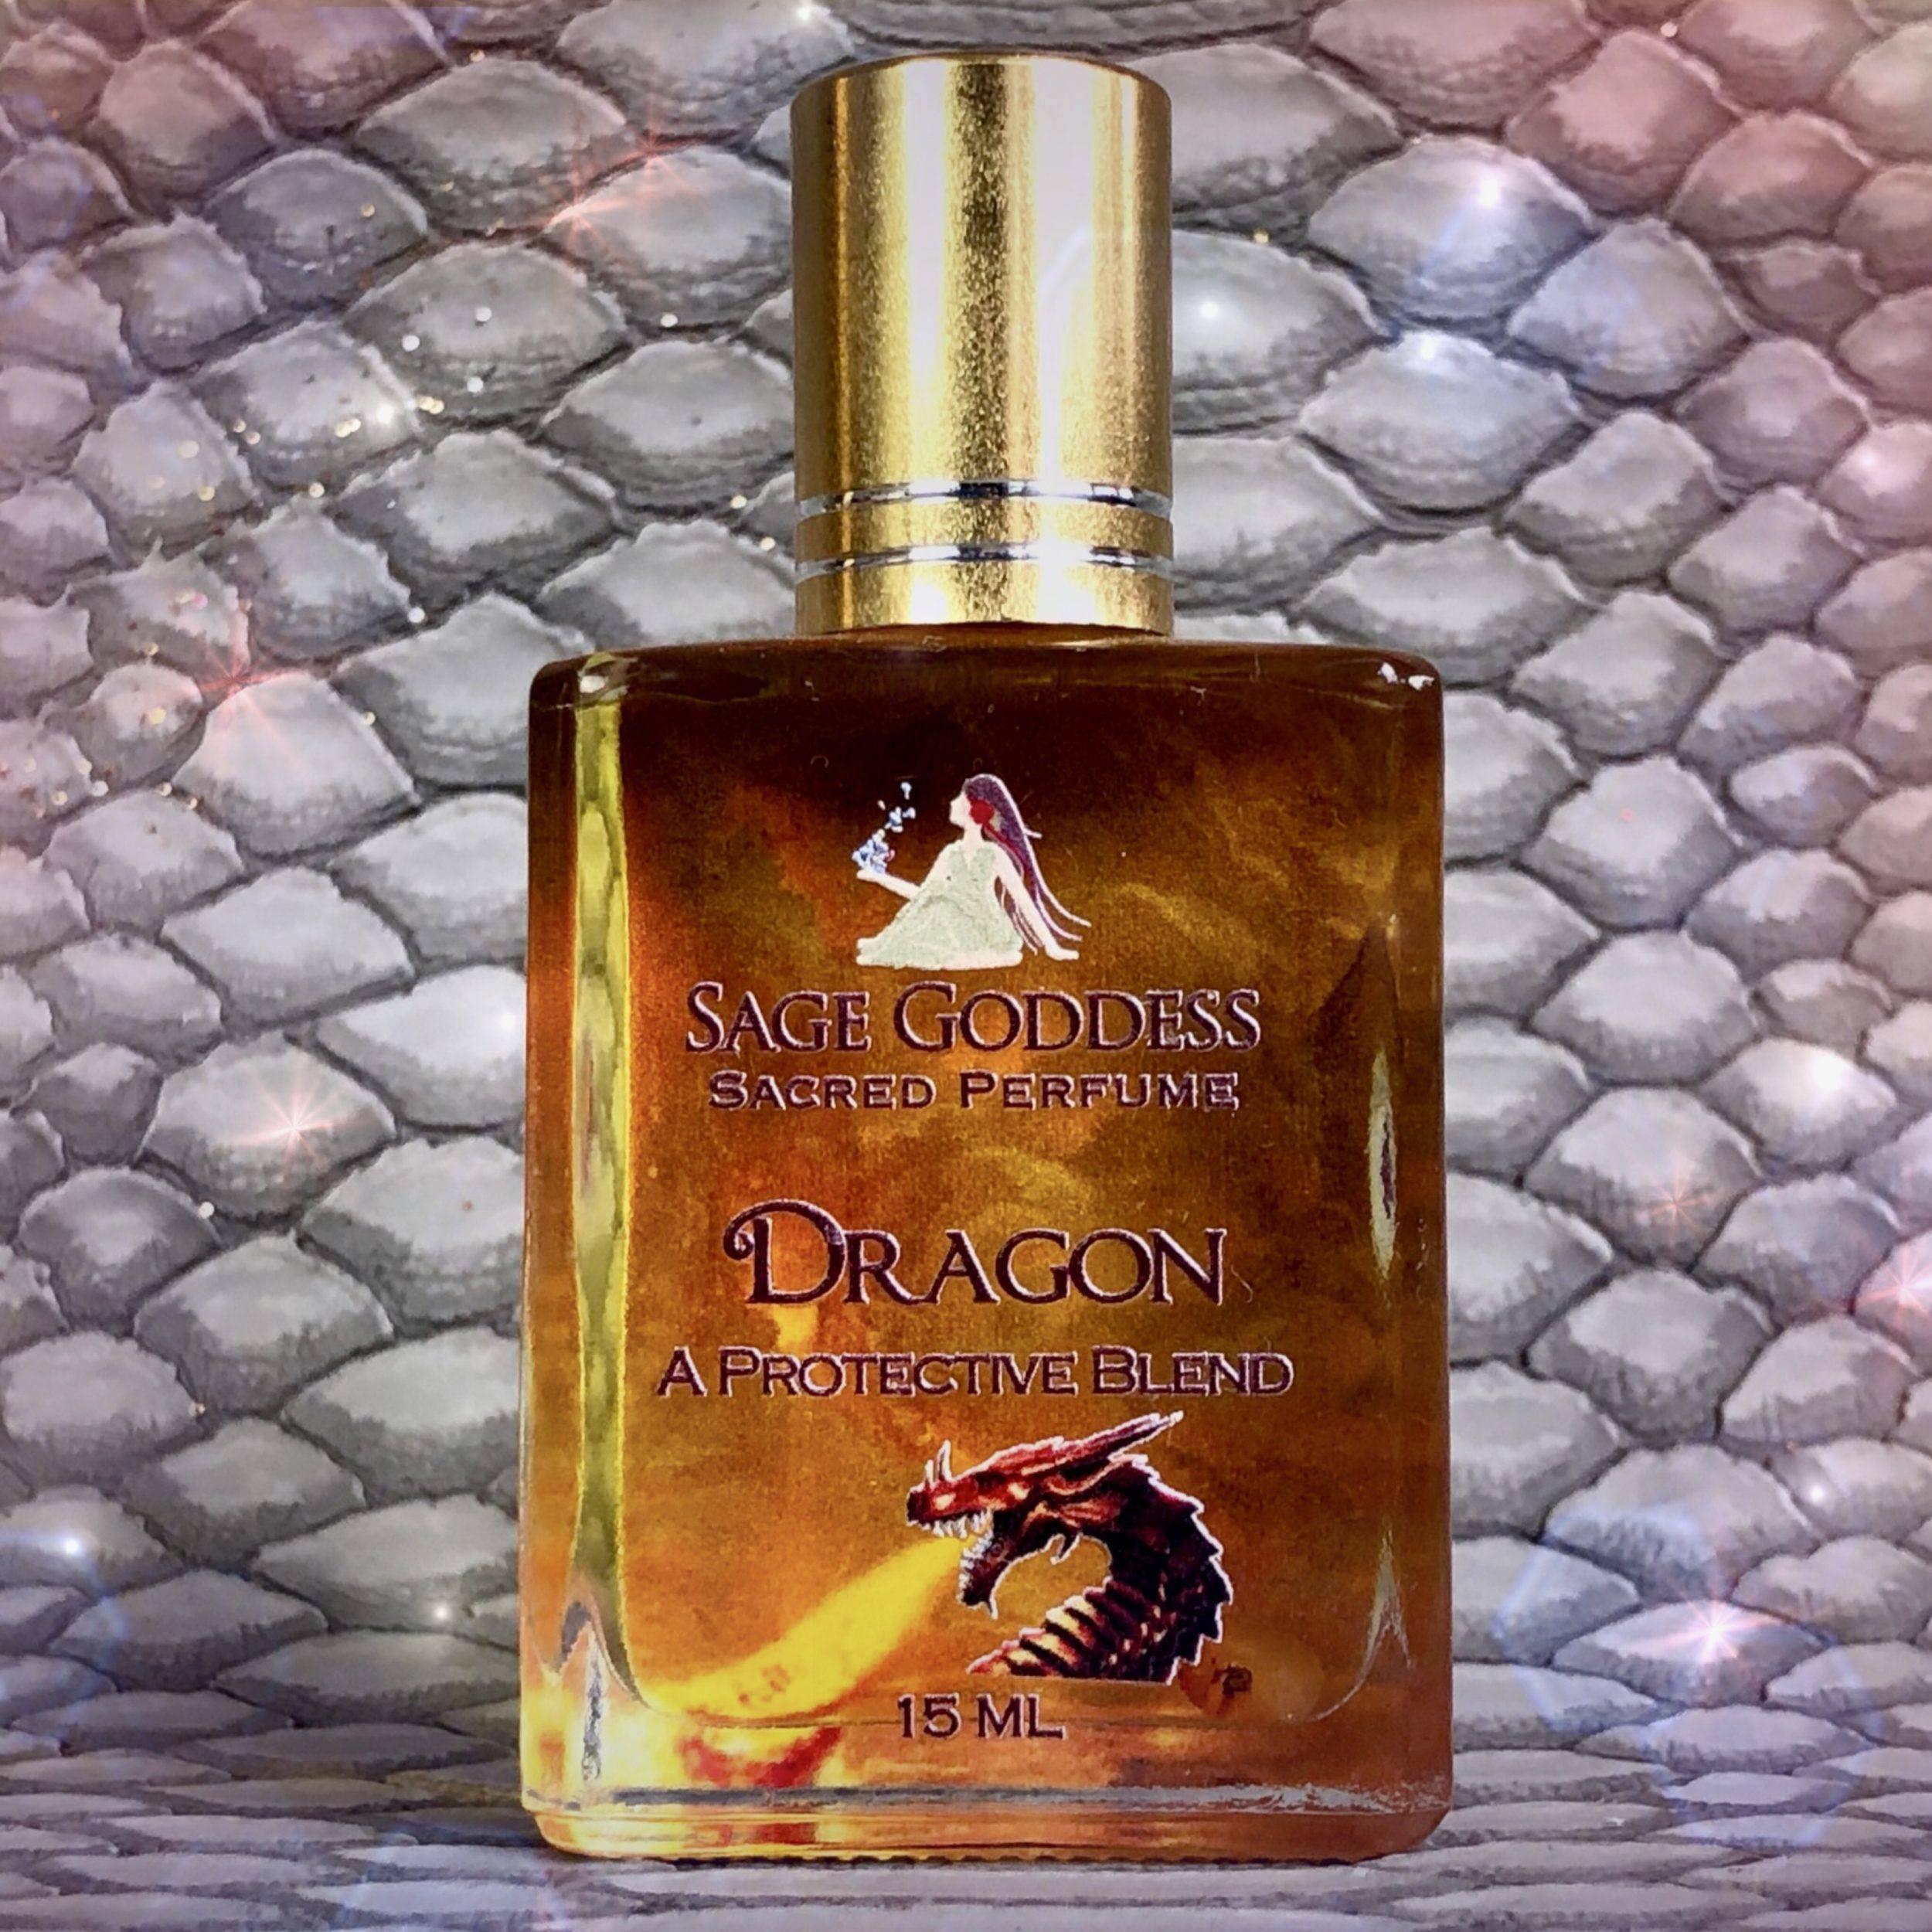 Dragon_Perfume_1of1_10_3